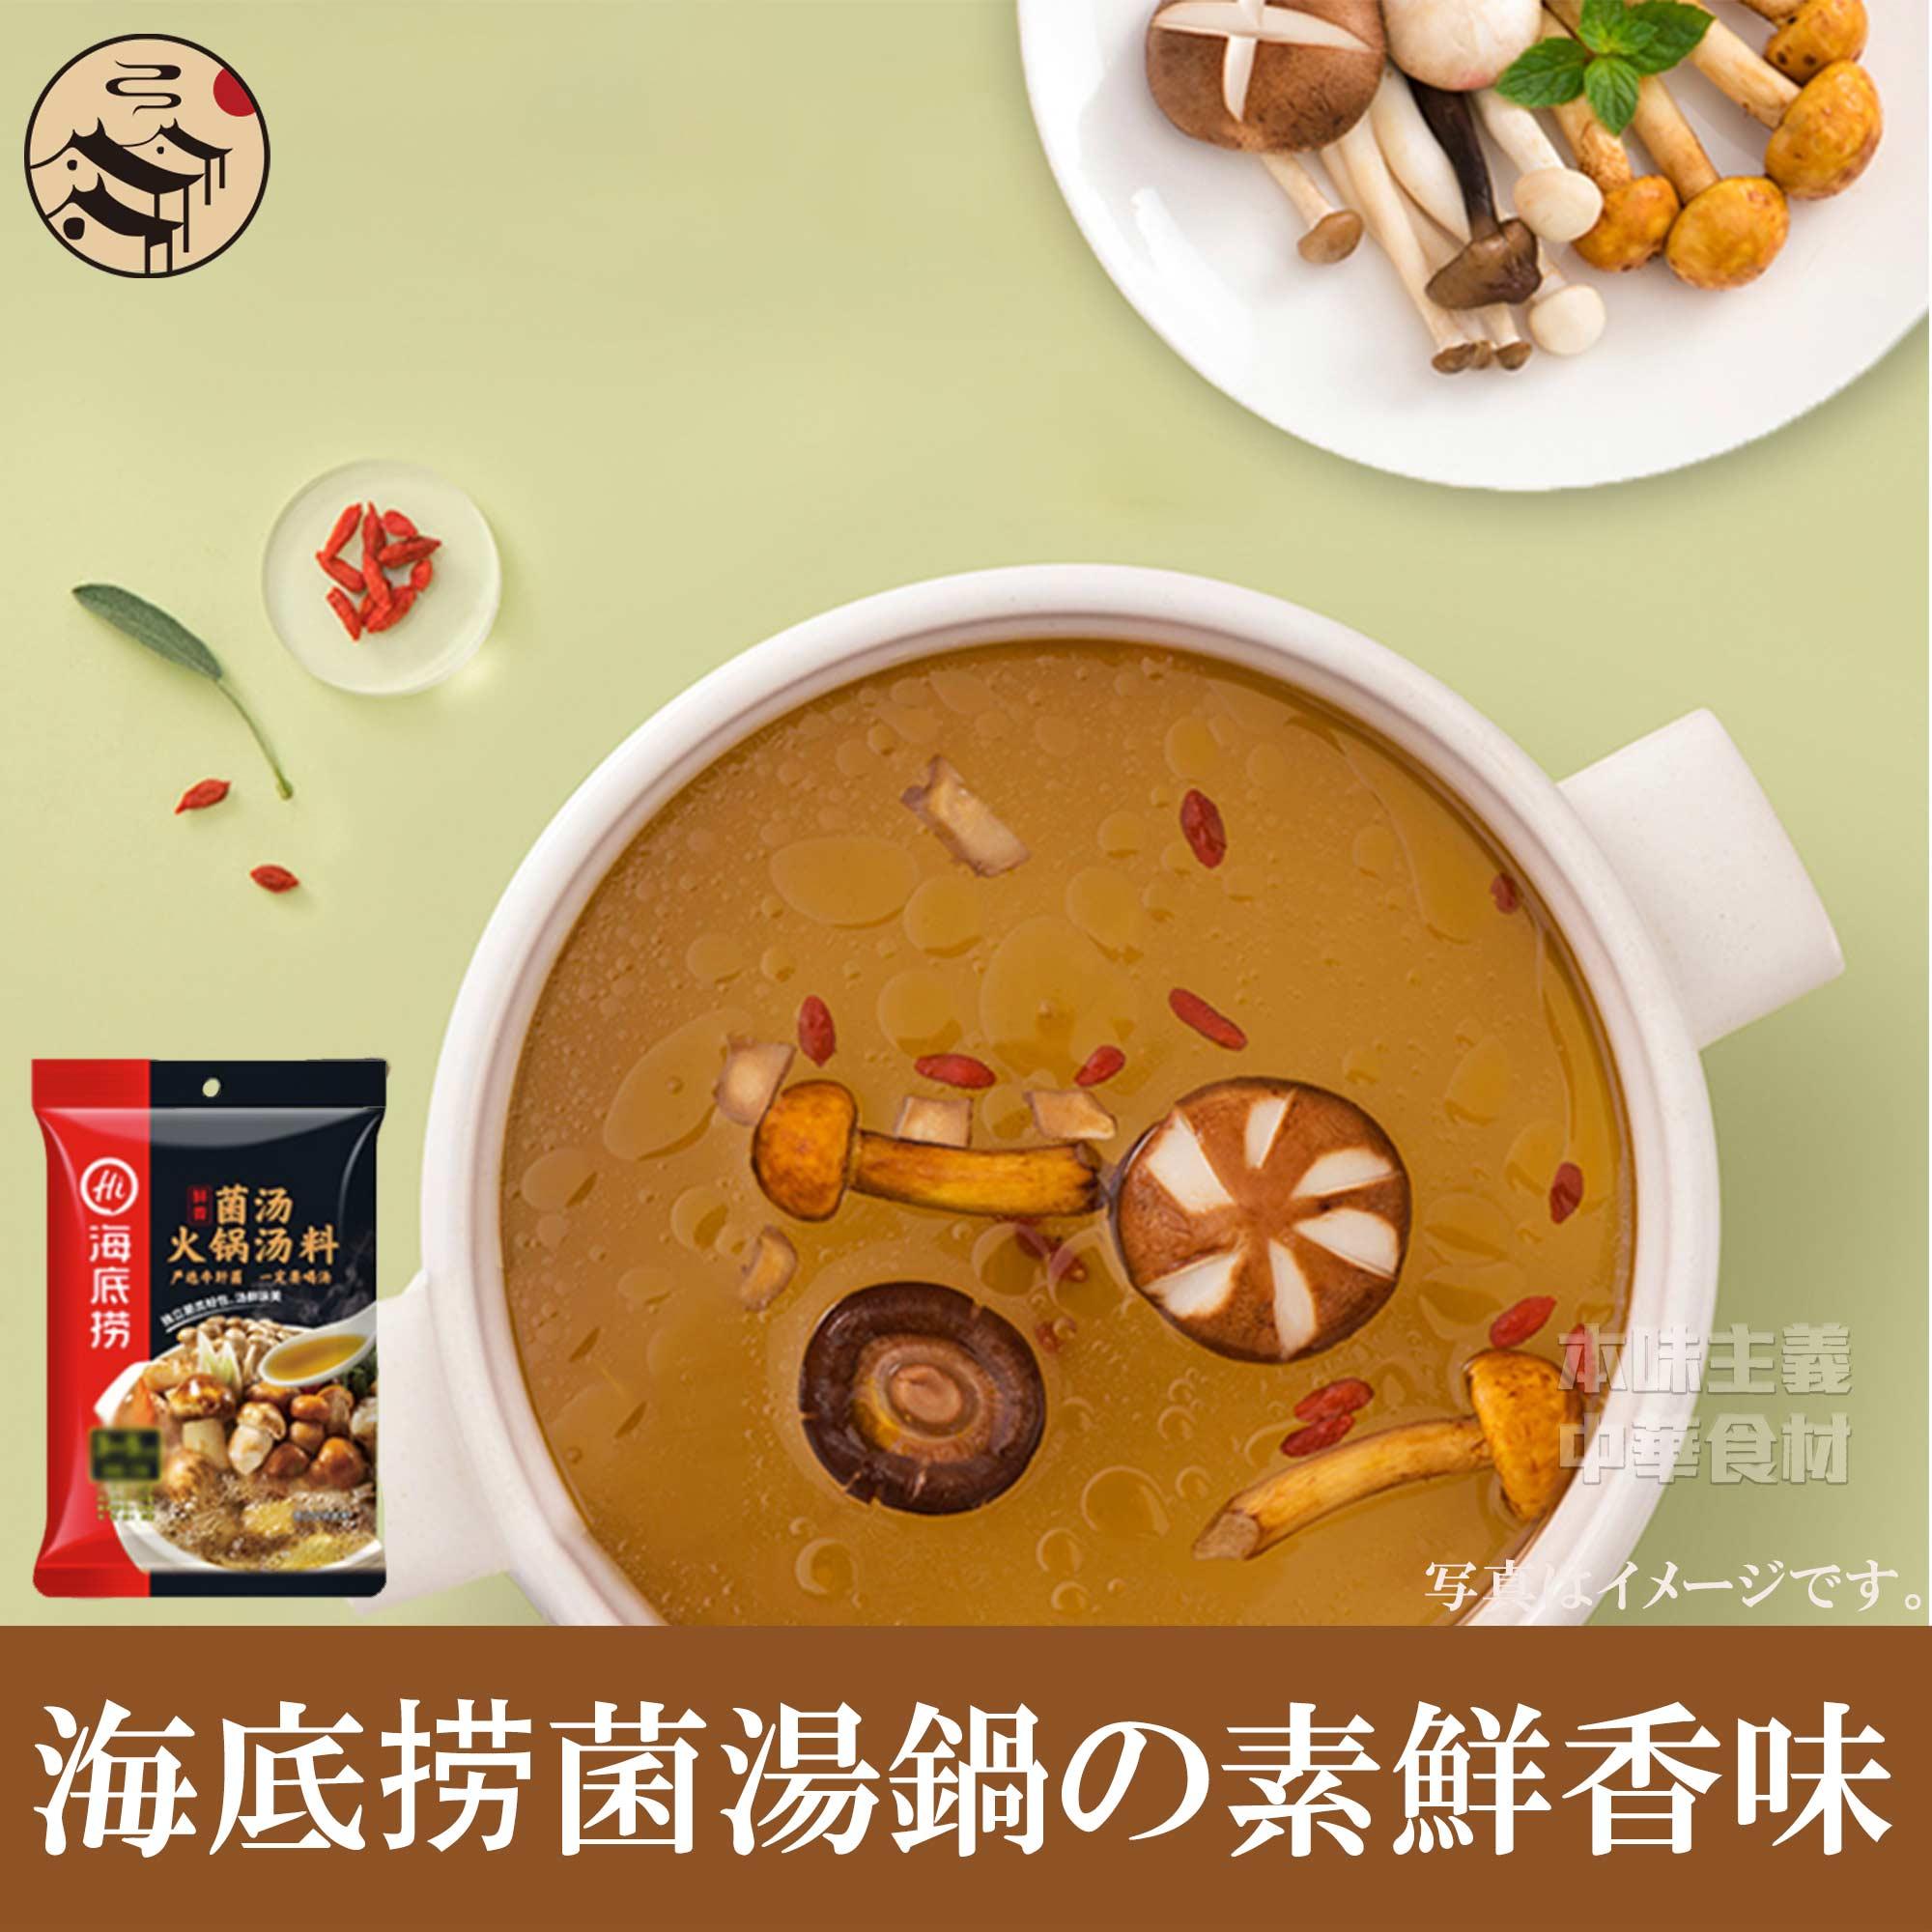 正規輸入品 海底撈茸湯鍋の素 鮮香味150g ランキング総合1位 中華料理 中華食材 鍋料理 年末年始大決算 さっぱりした味 調味料